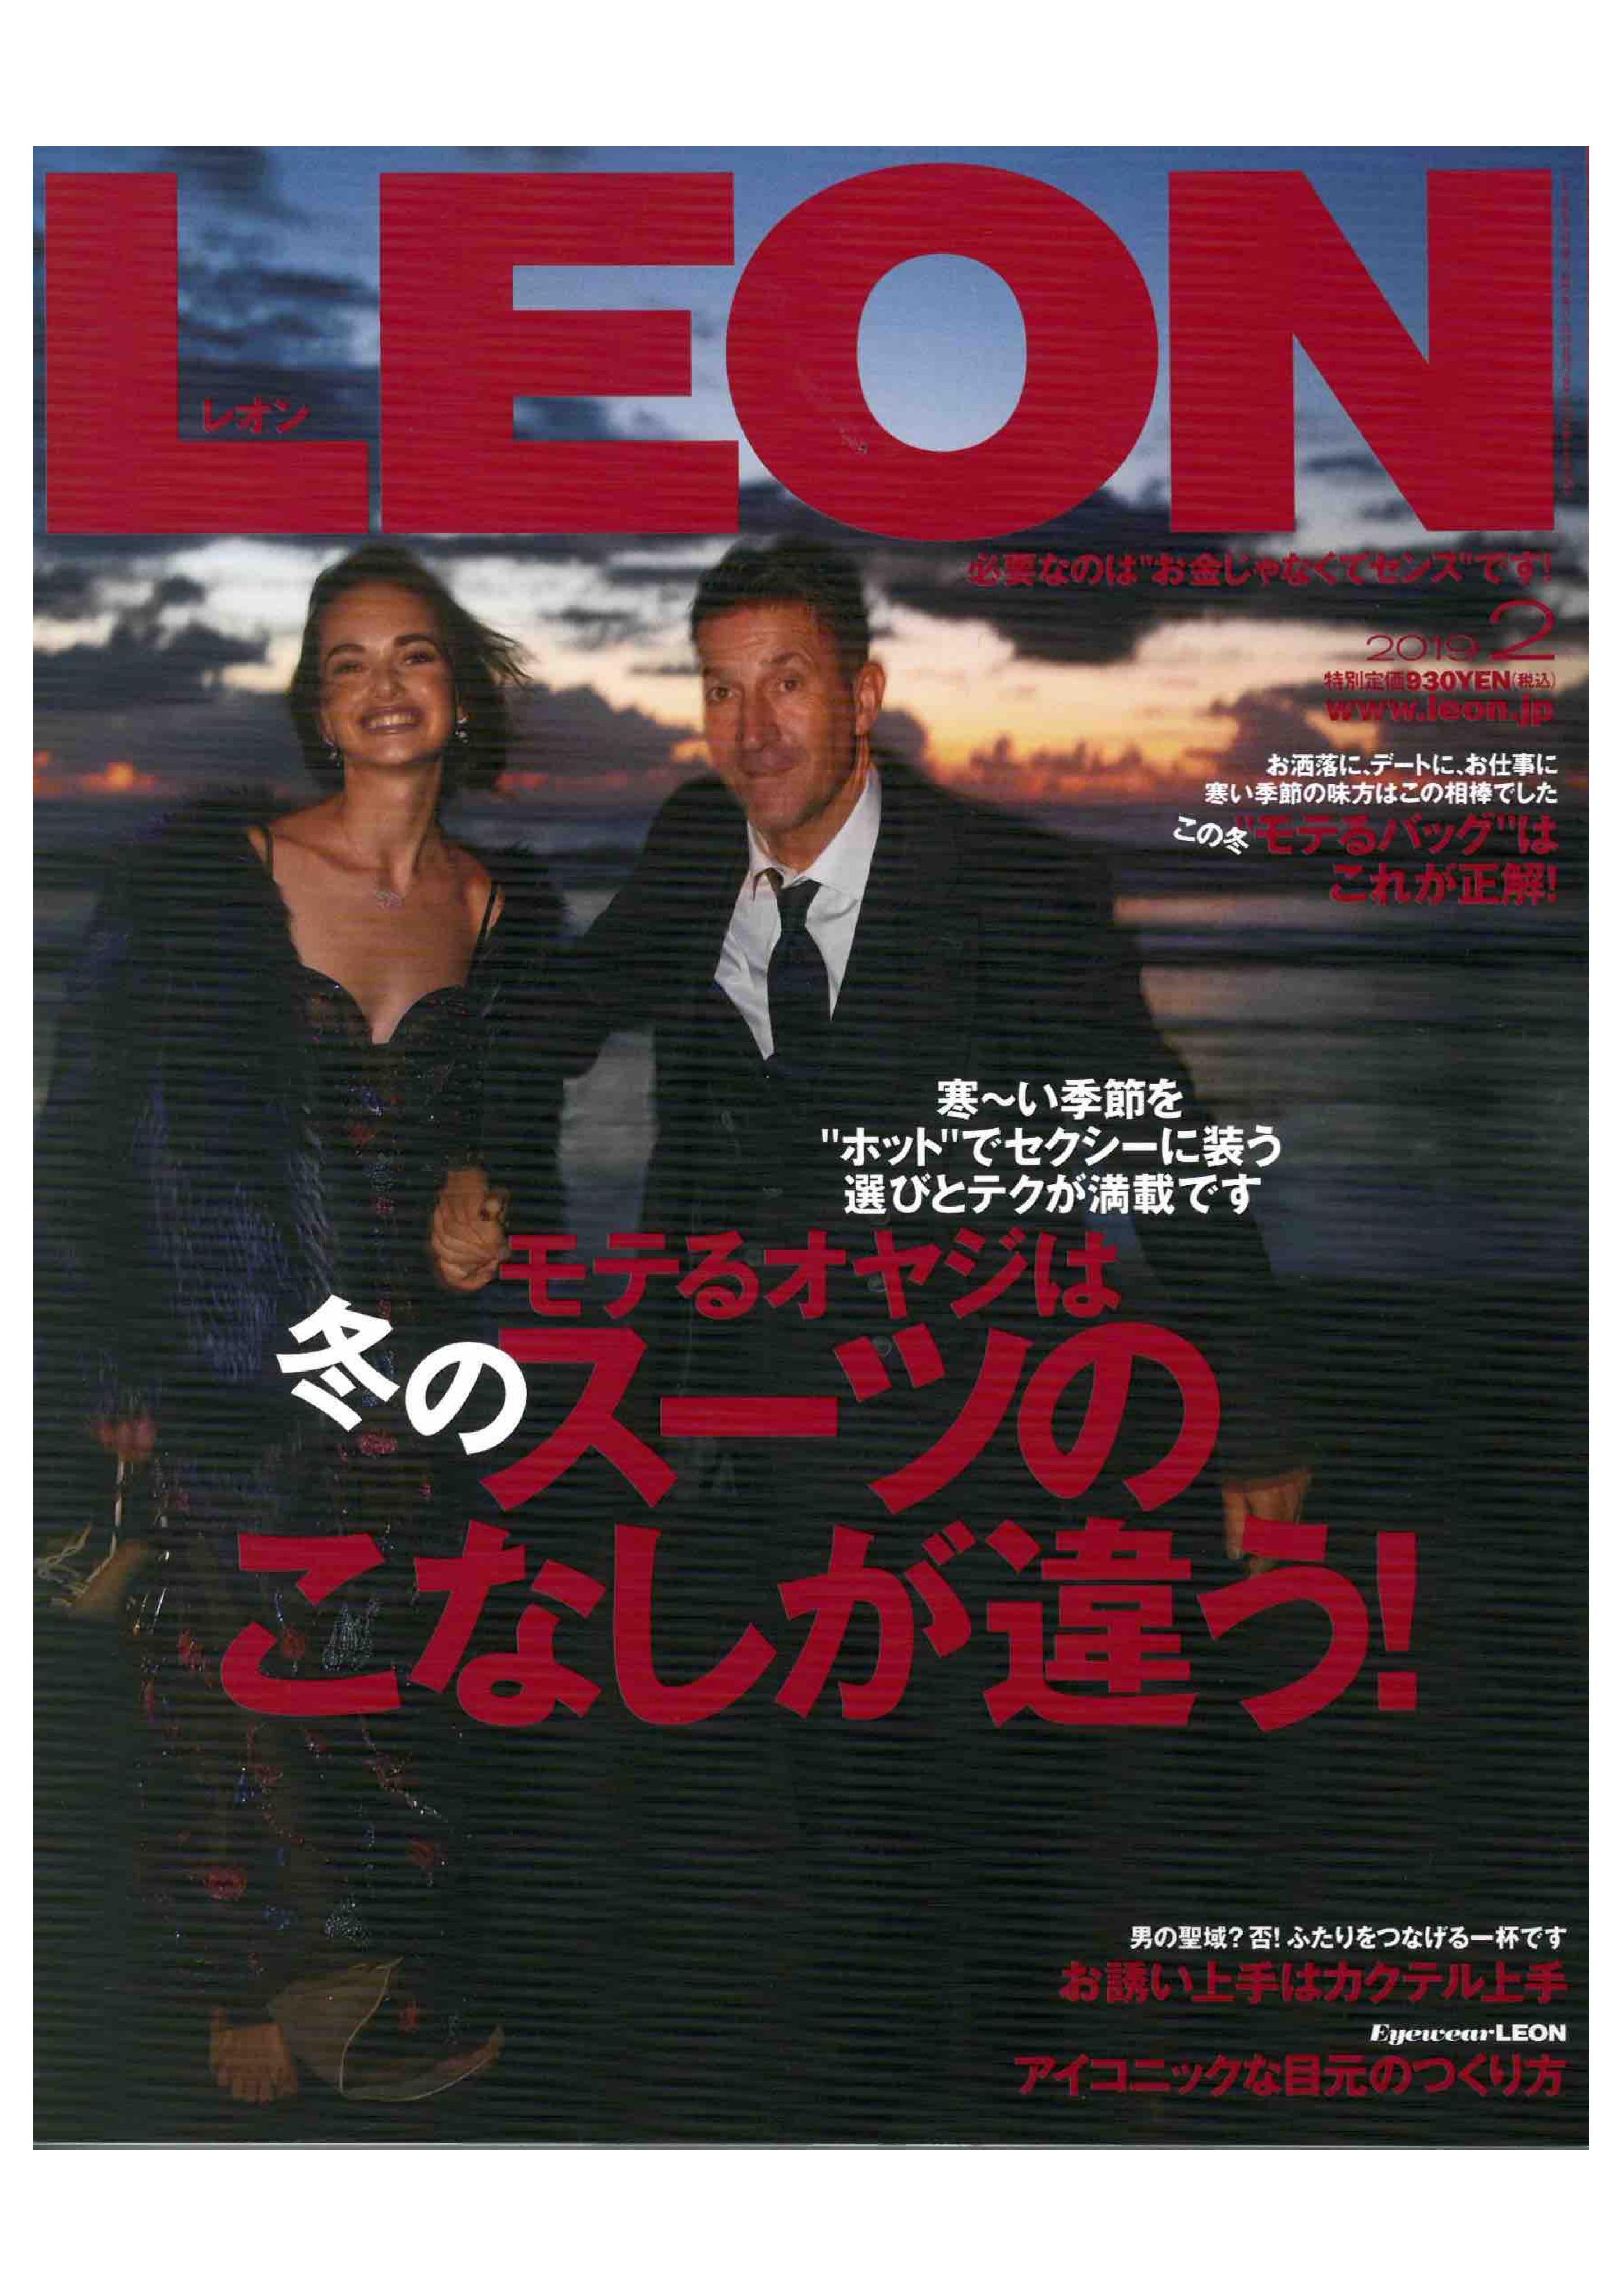 【メディア掲載情報】LEON 2019.2月号